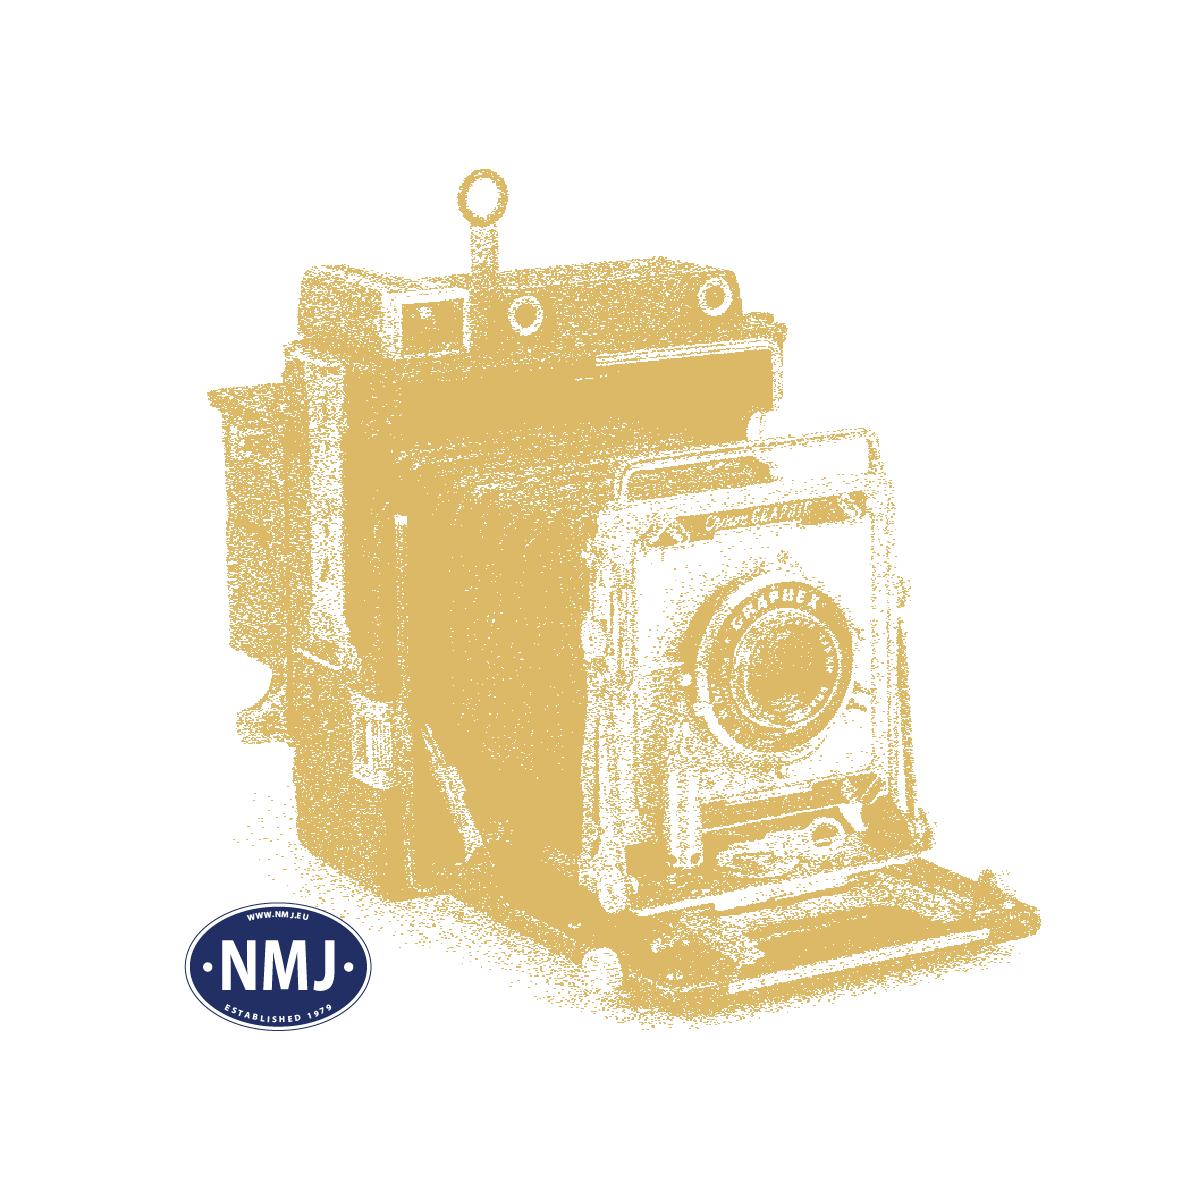 NMJT145302 - NMJ Topline CFL 1603, 0-Skala, DC